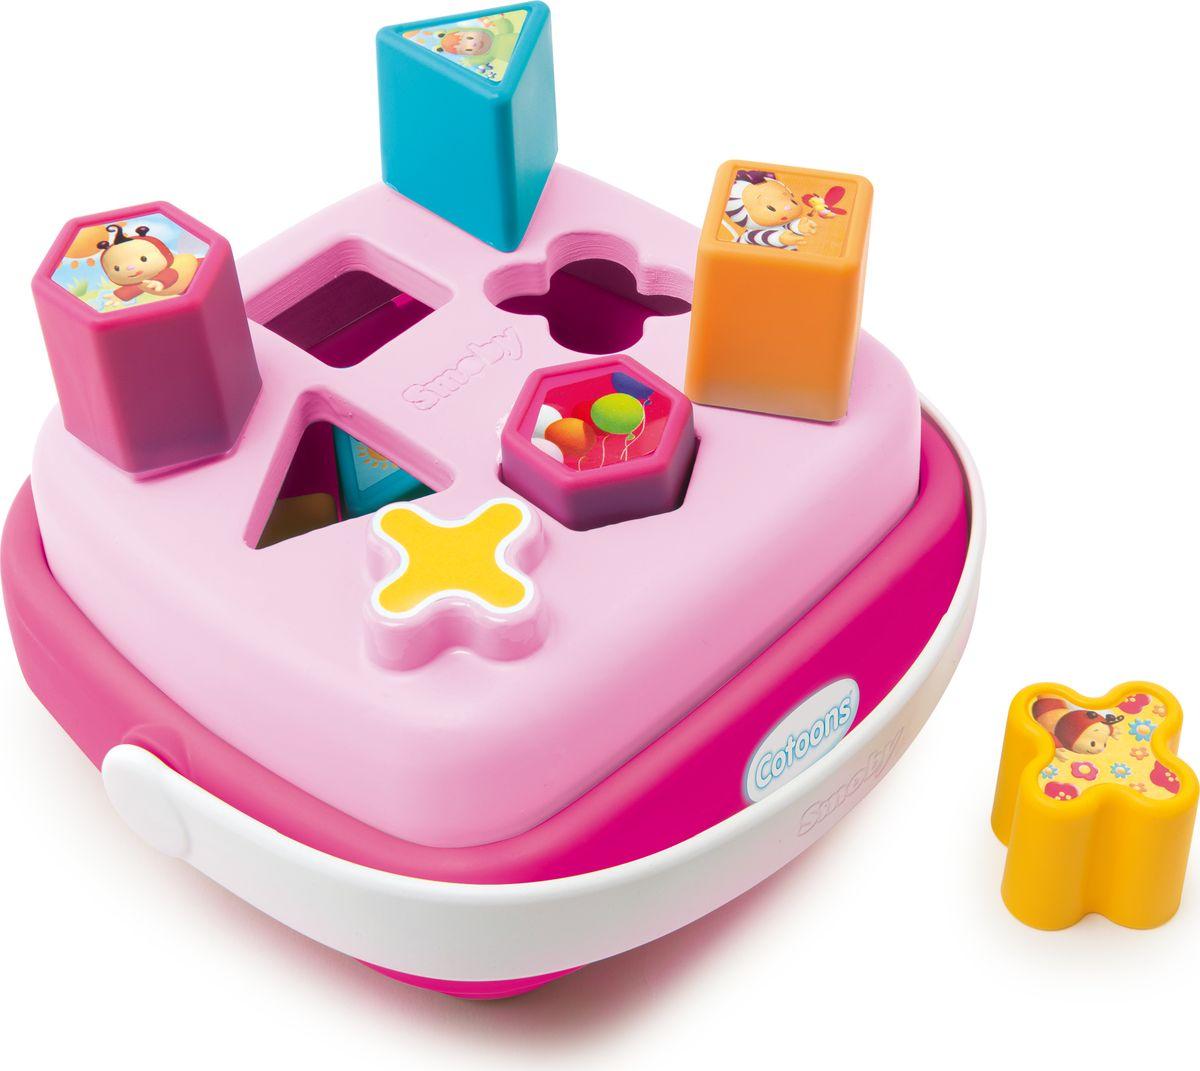 Smoby Сортер Корзинка Cotoons цвет розовый smoby стульчик сидение для ванной cotoons цвет розовый